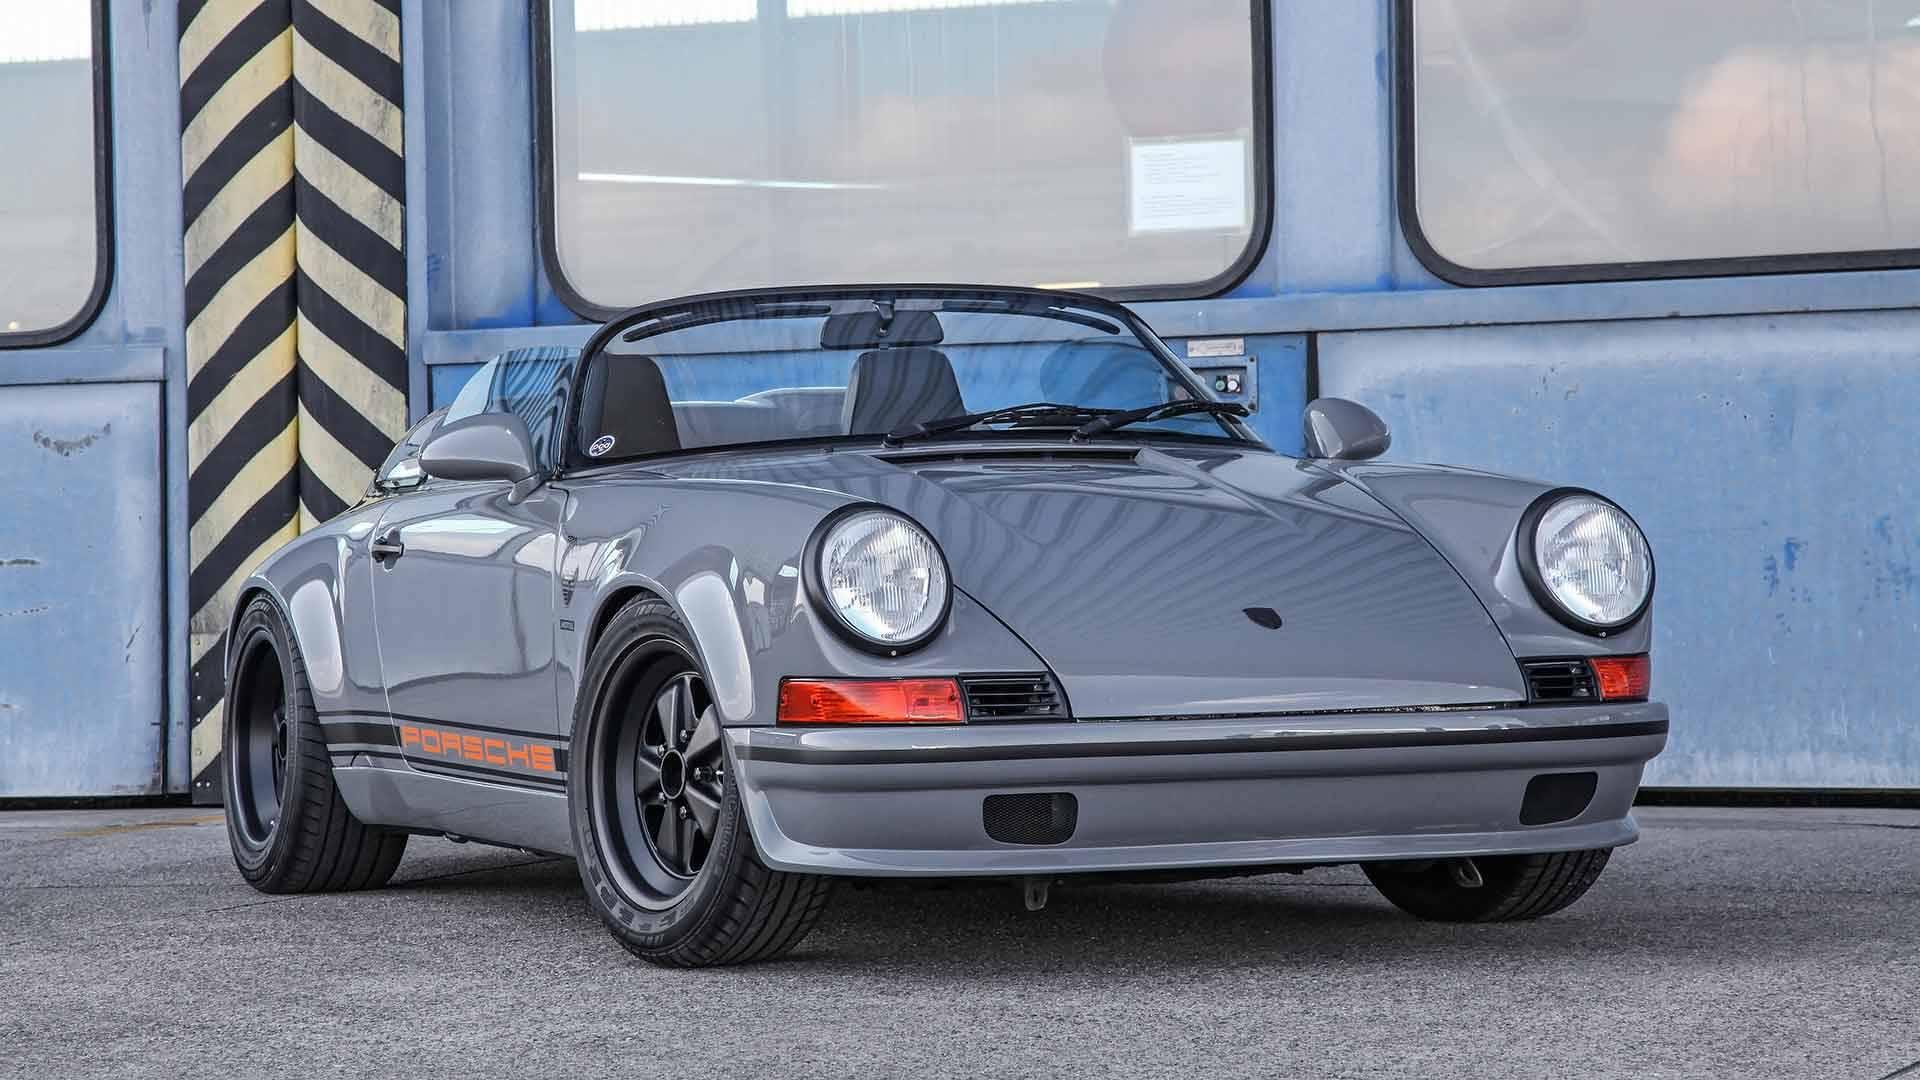 Je li ovo Porsche iz snova?